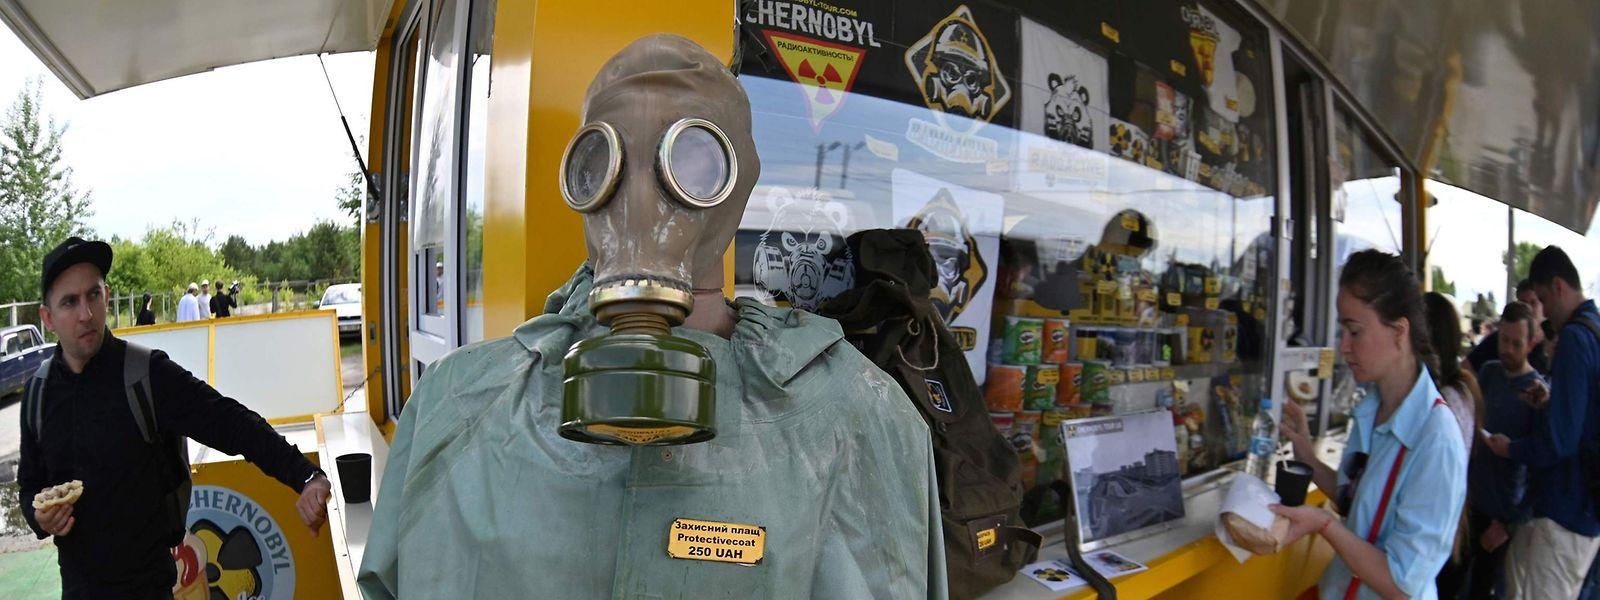 Visitantes compram snacks e recordações numa loja, após a visita guiada à zona de exclusão de Tchernobil.